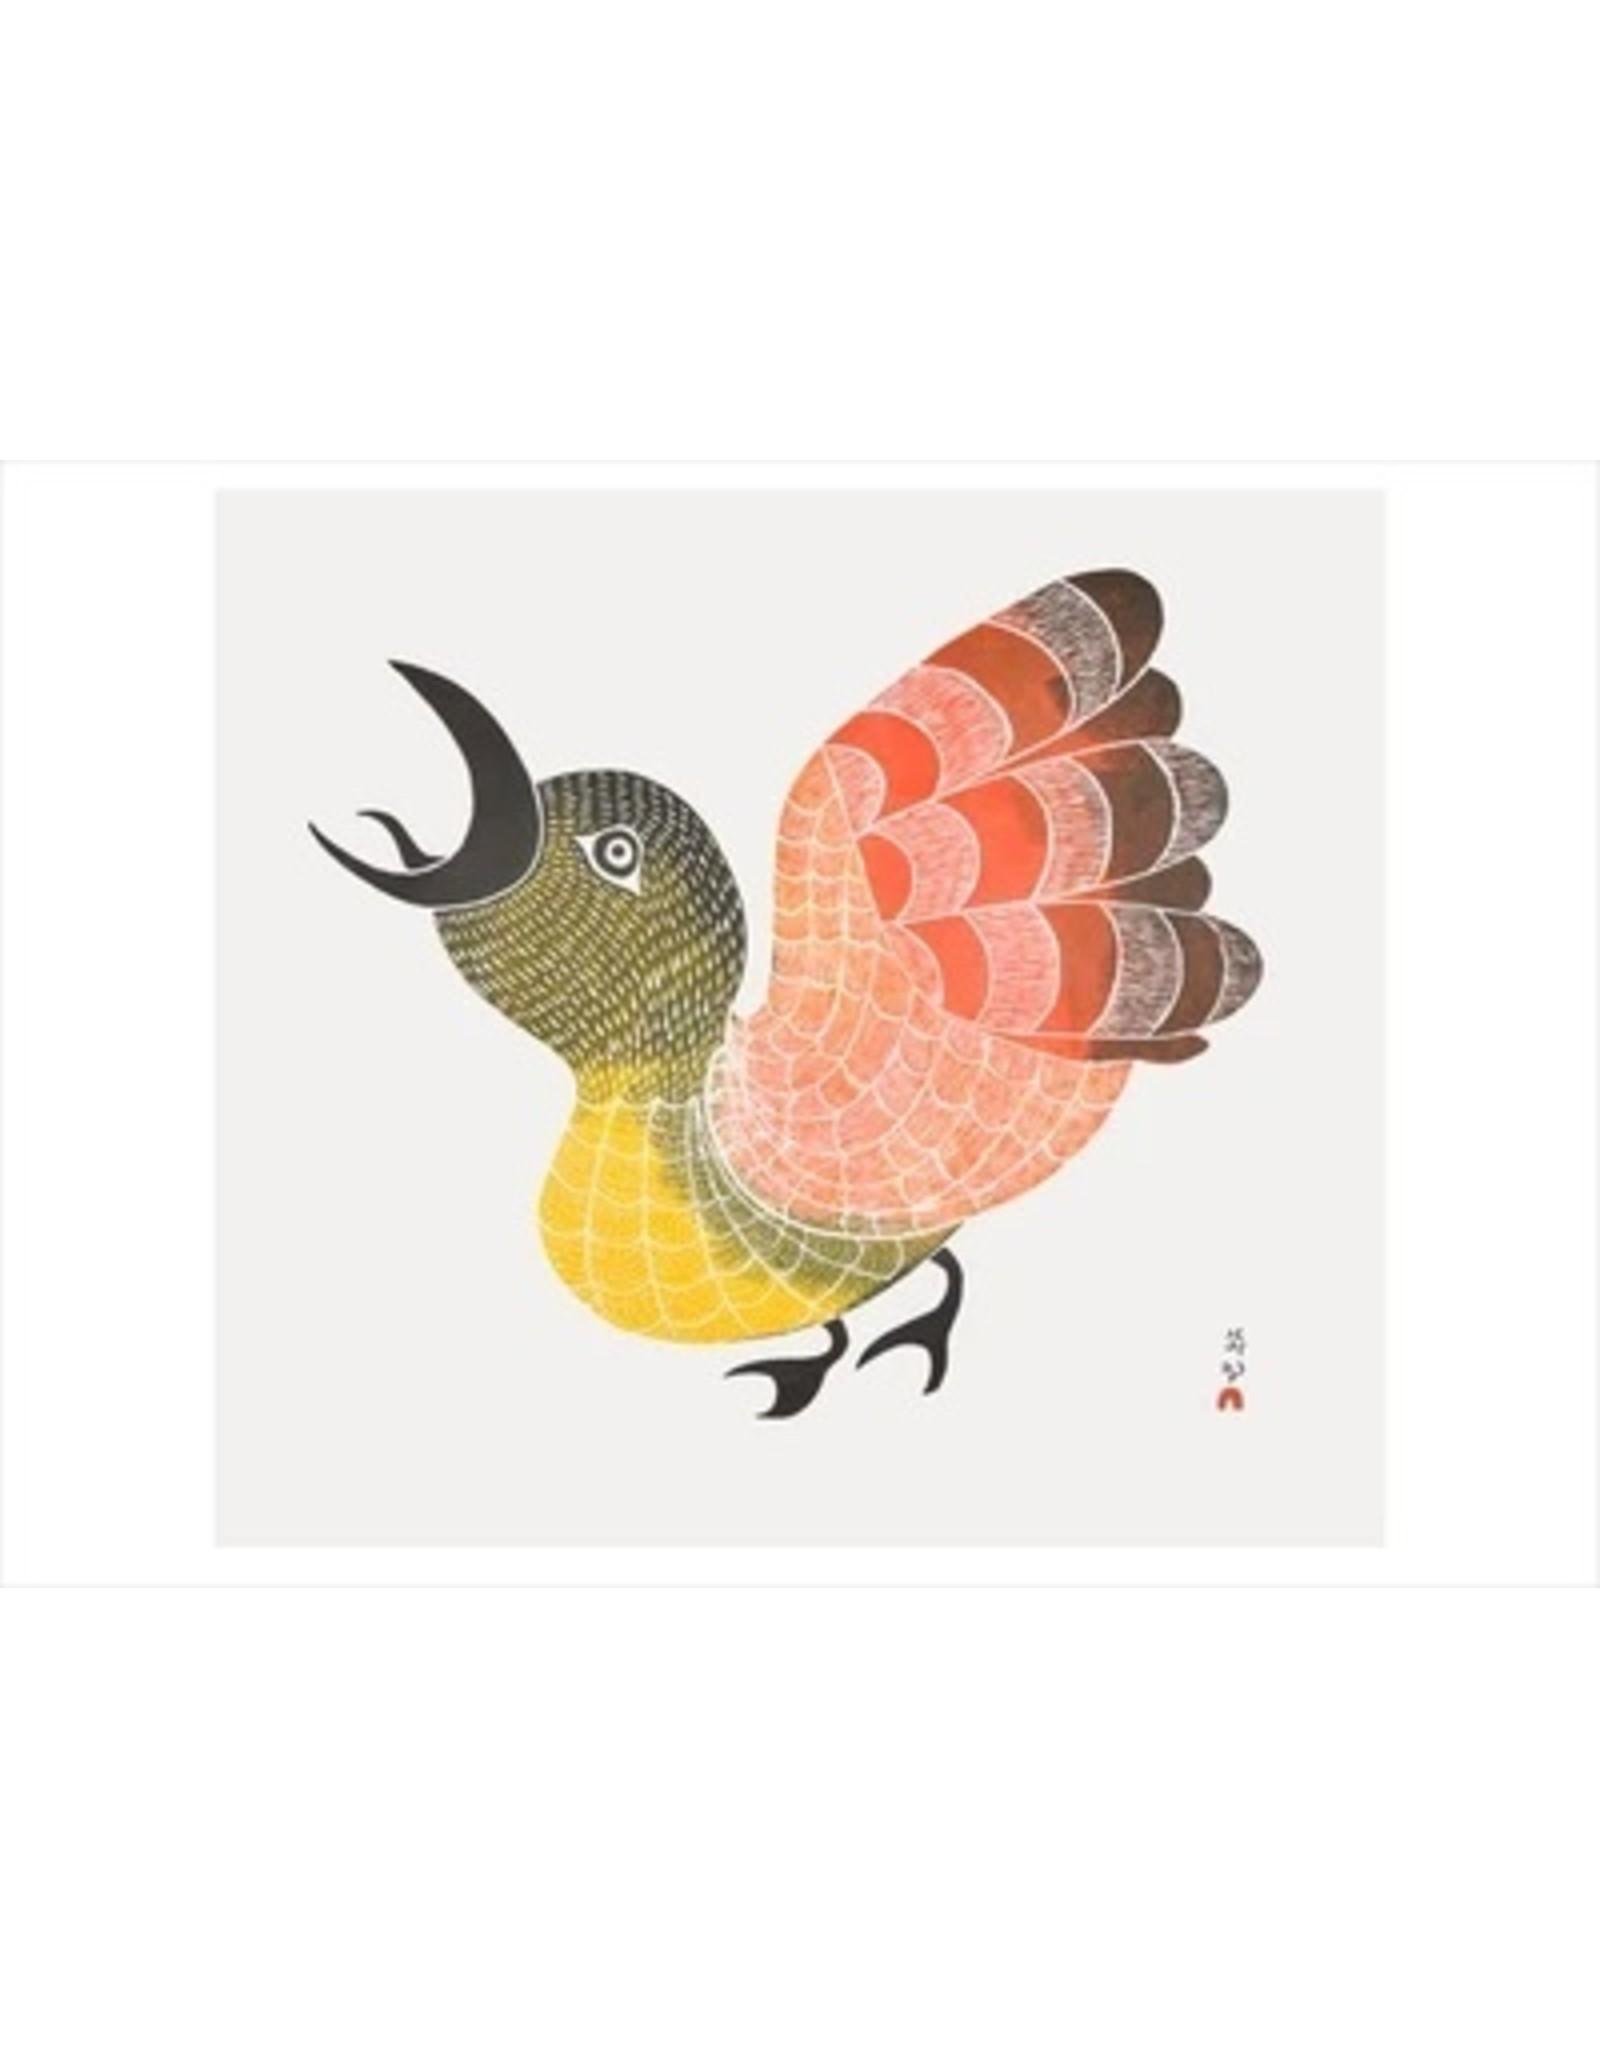 Cape Dorset Bird of Sago